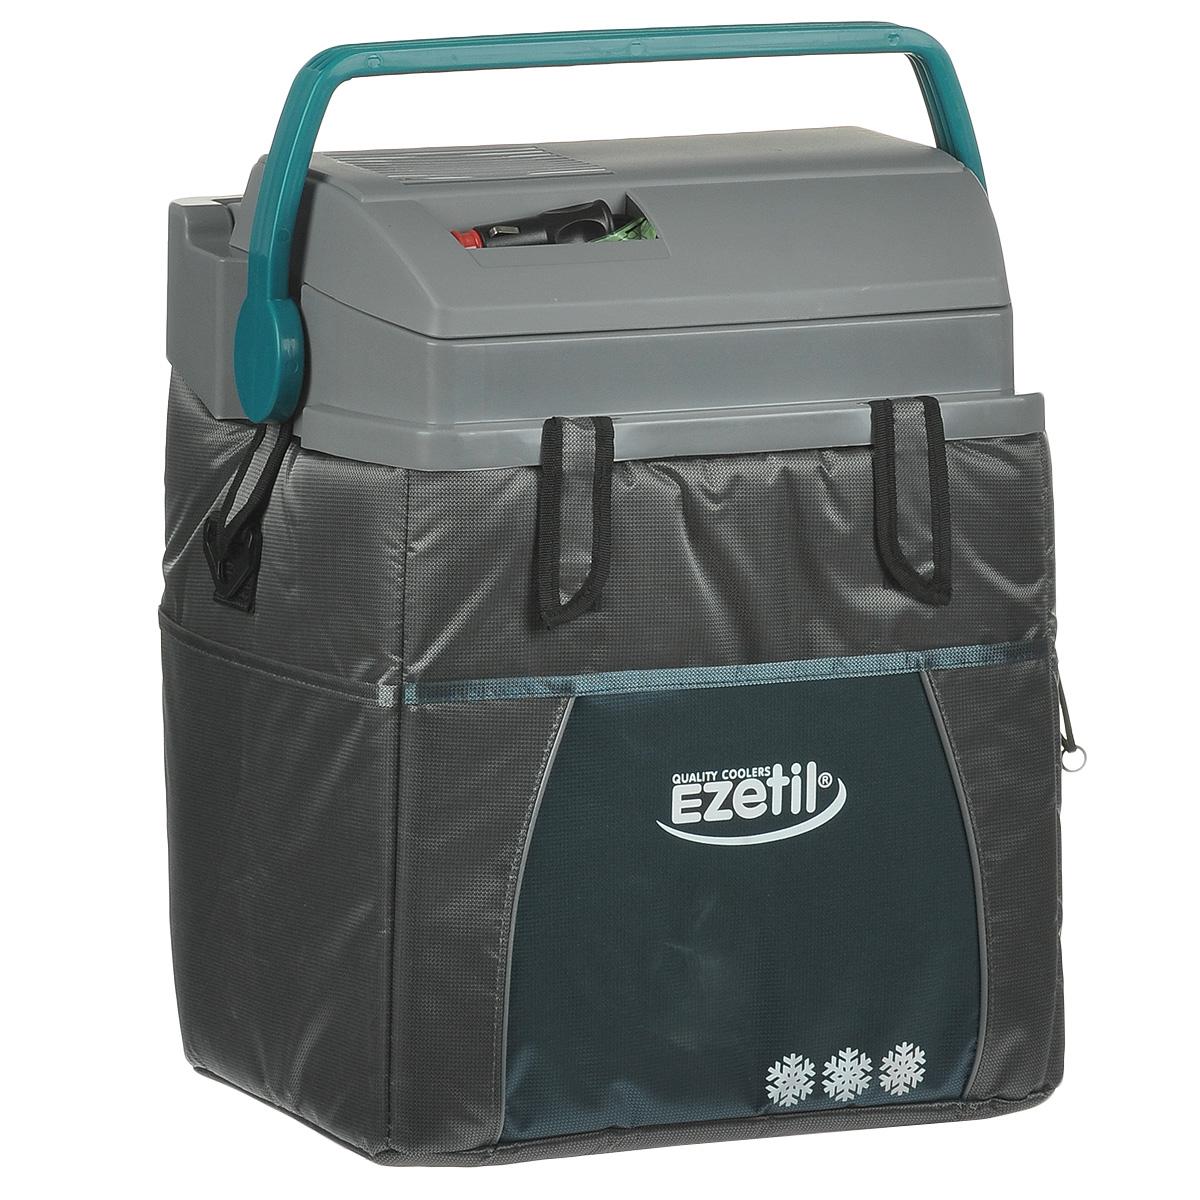 Термоэлектрический контейнер охлаждения Ezetil ESC 21 12V, цвет: серый, 19,6 л термоэлектрический контейнер охлаждения ezetil e21 12v цвет красный серый 19 6 л